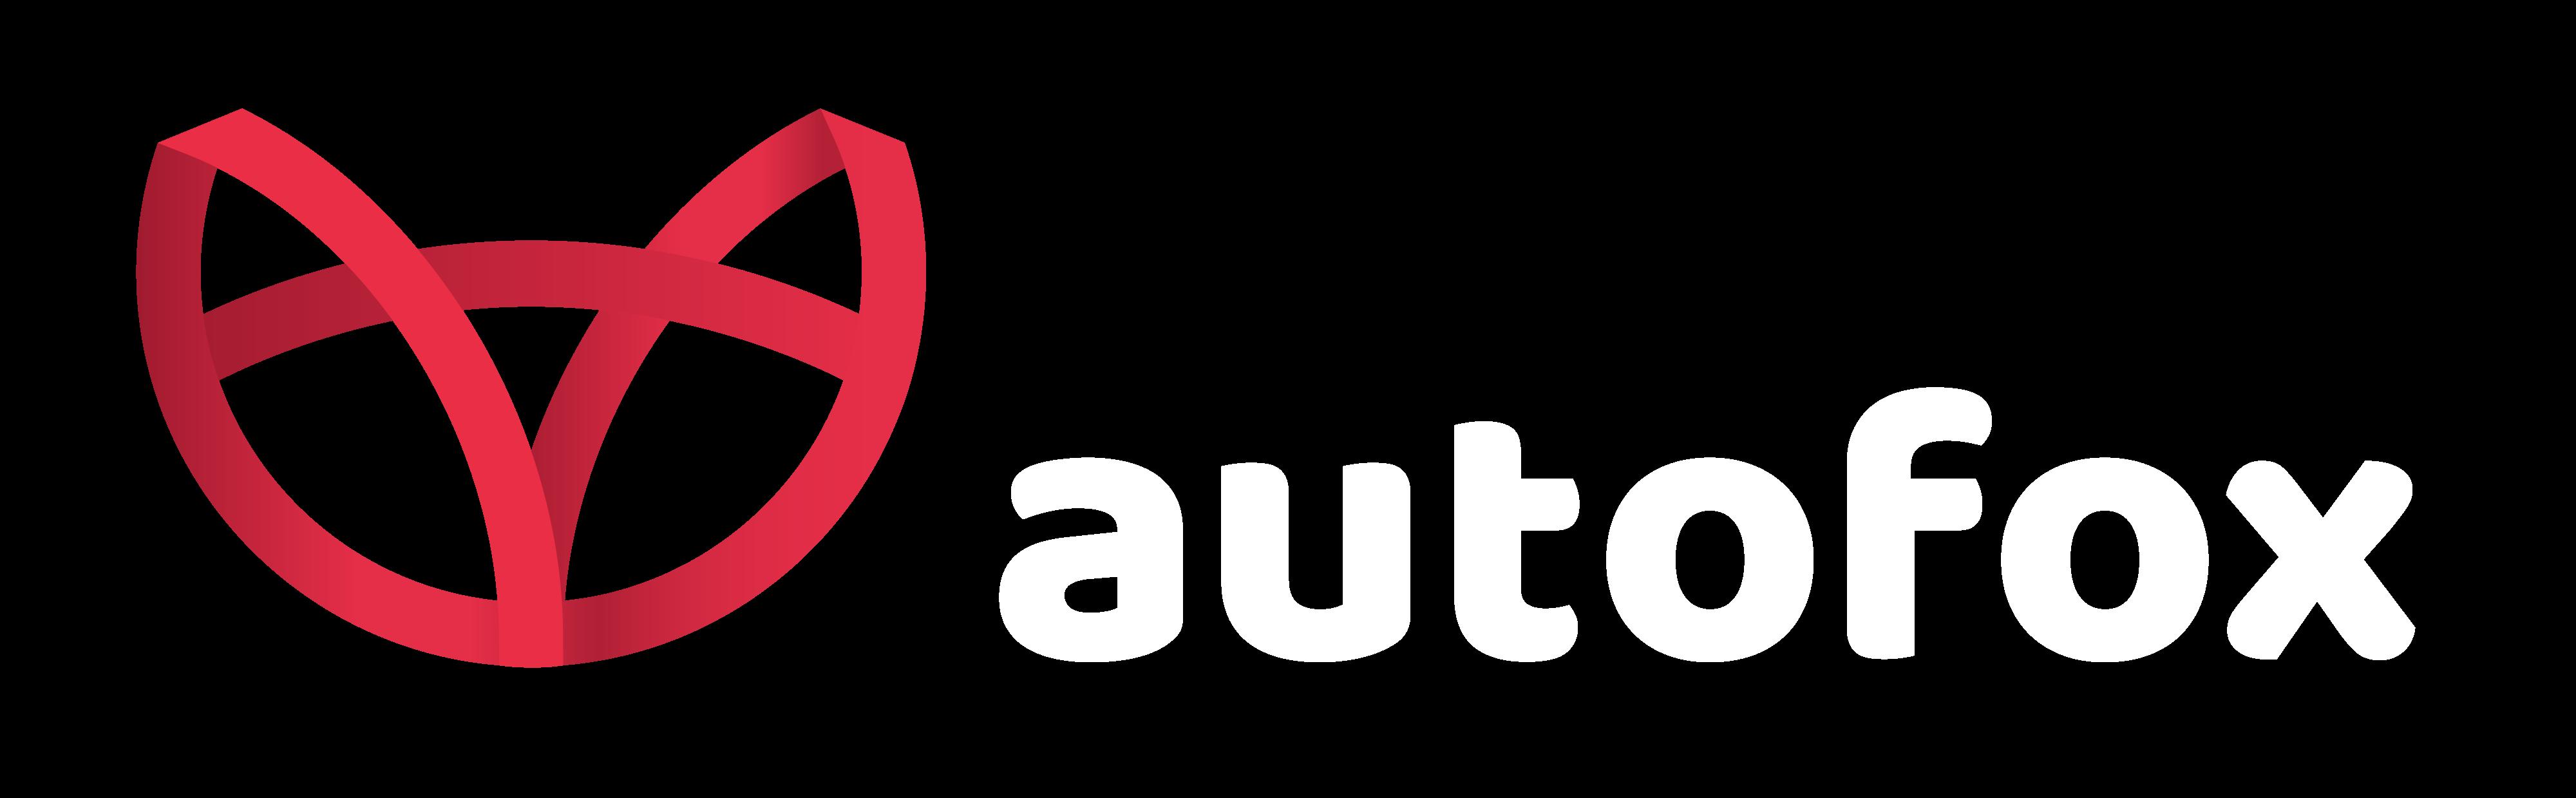 Autofox Rijschoolsoftware